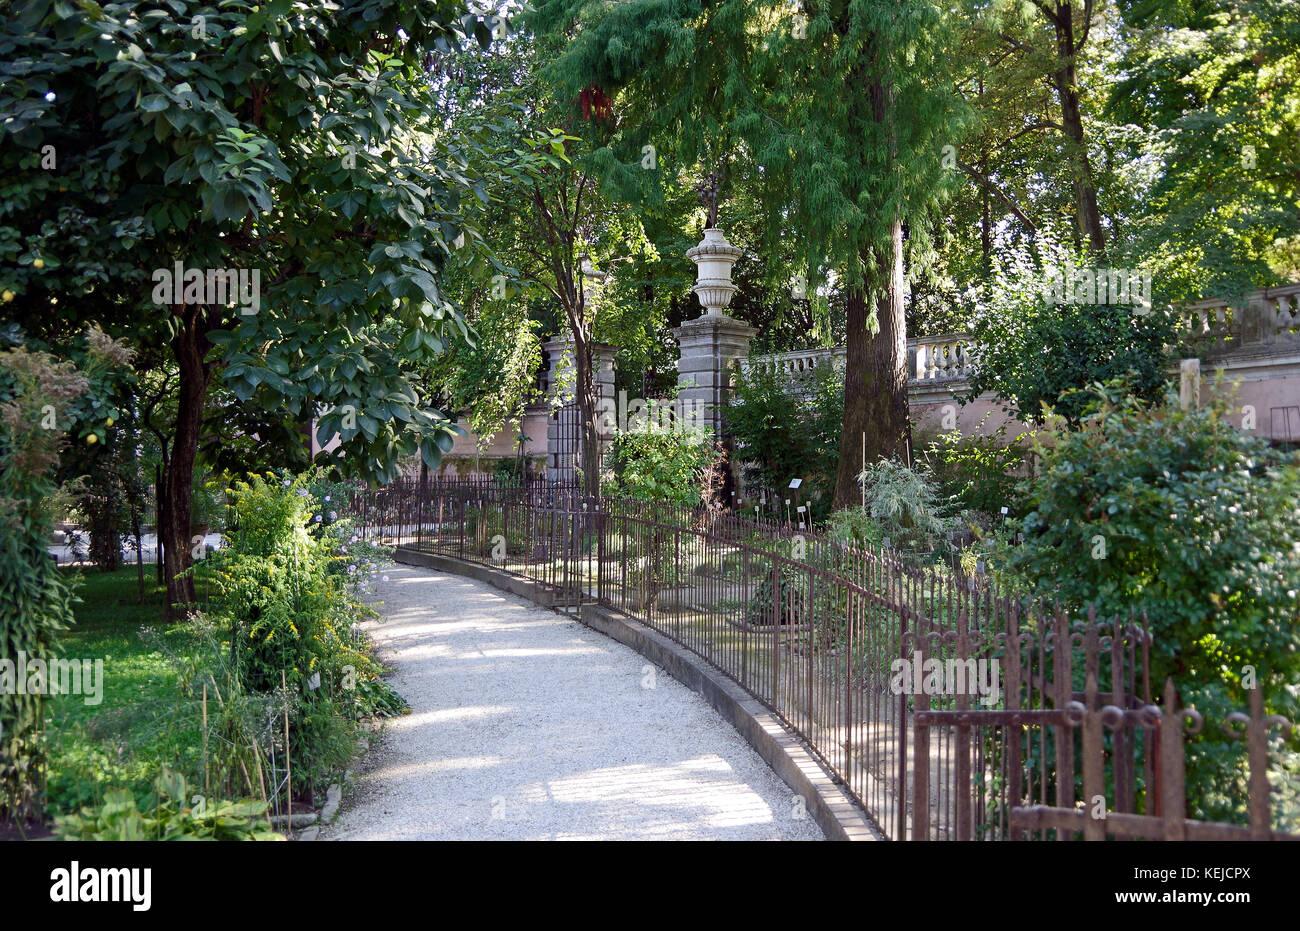 Orto botanico di padova ville venete for you